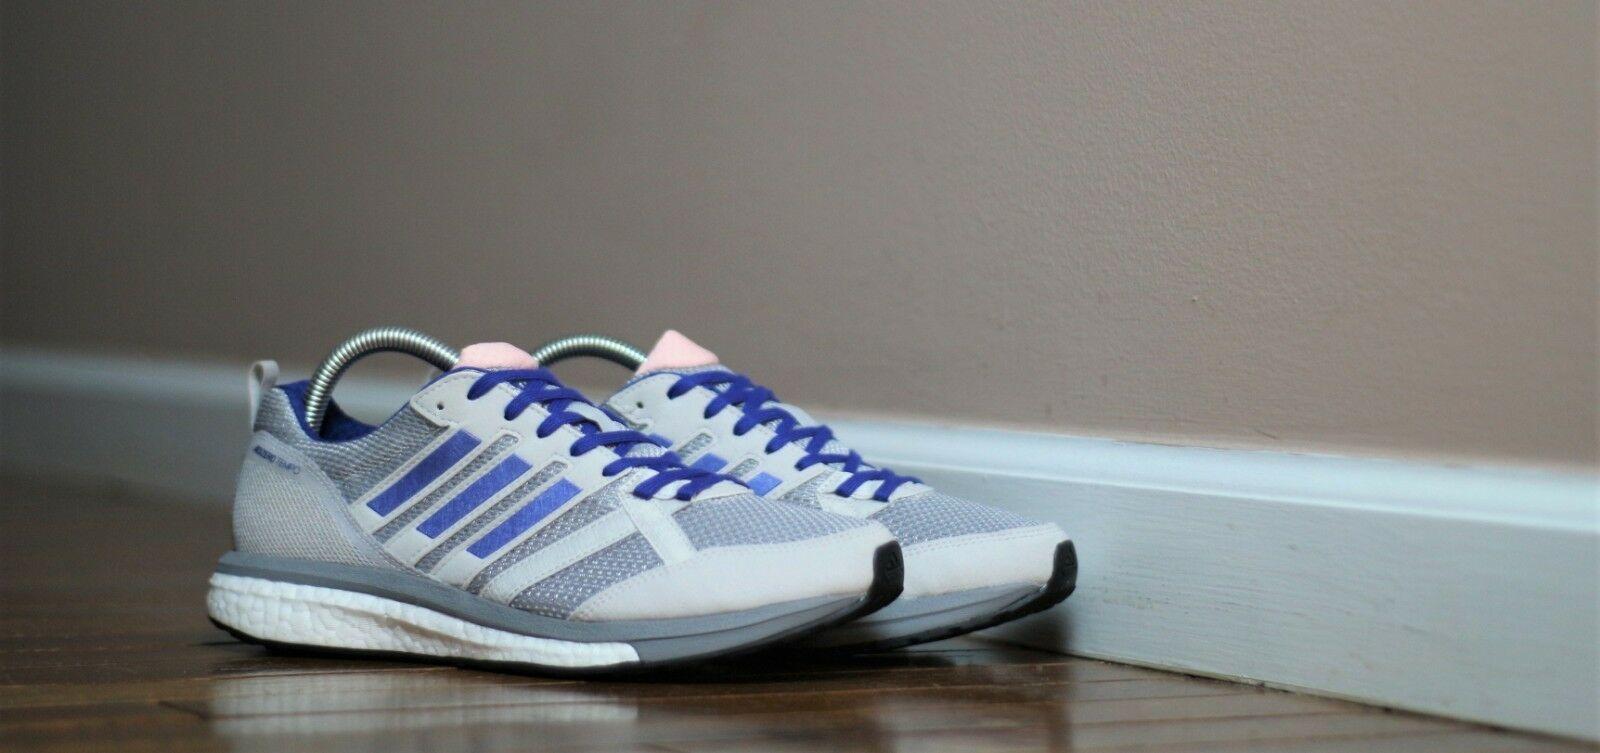 Adidas Women's Size 8.5 Adizero Tempo 9 Running Shoe BB6655 Grey